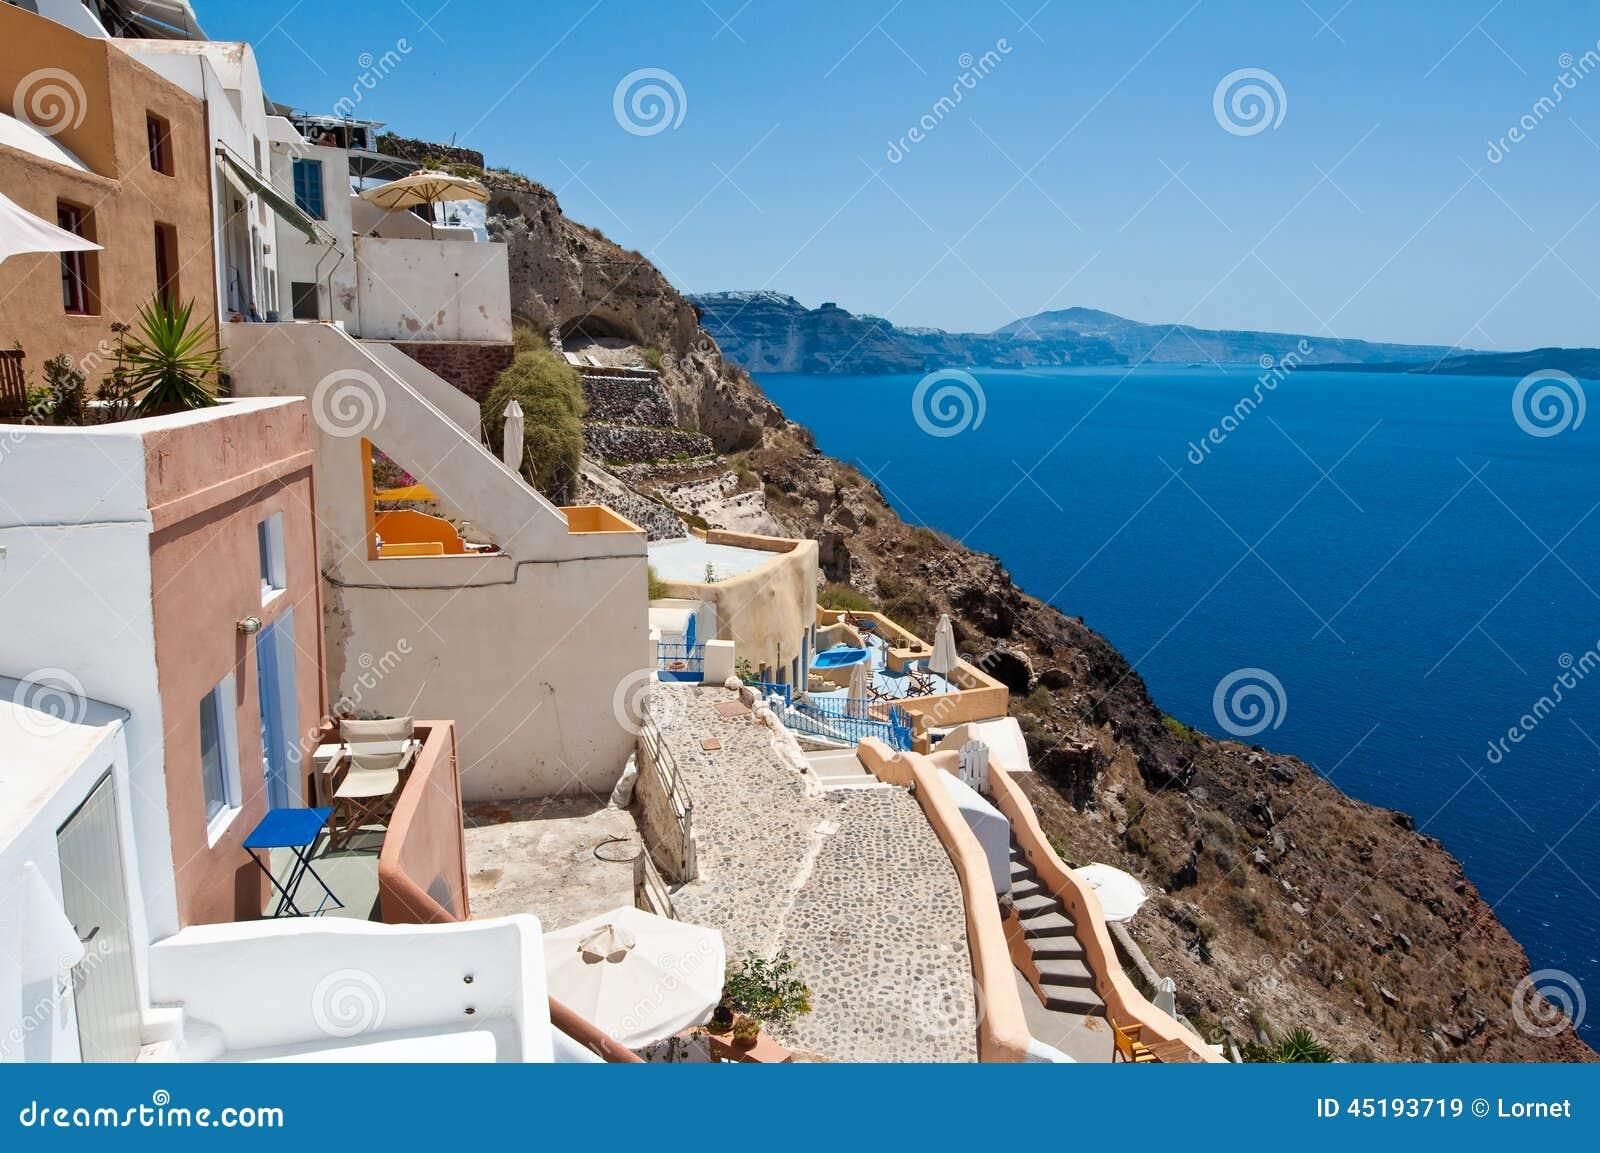 Vista da vila de Oia na ilha de Santorini igualmente conhecida como Thera, Grécia